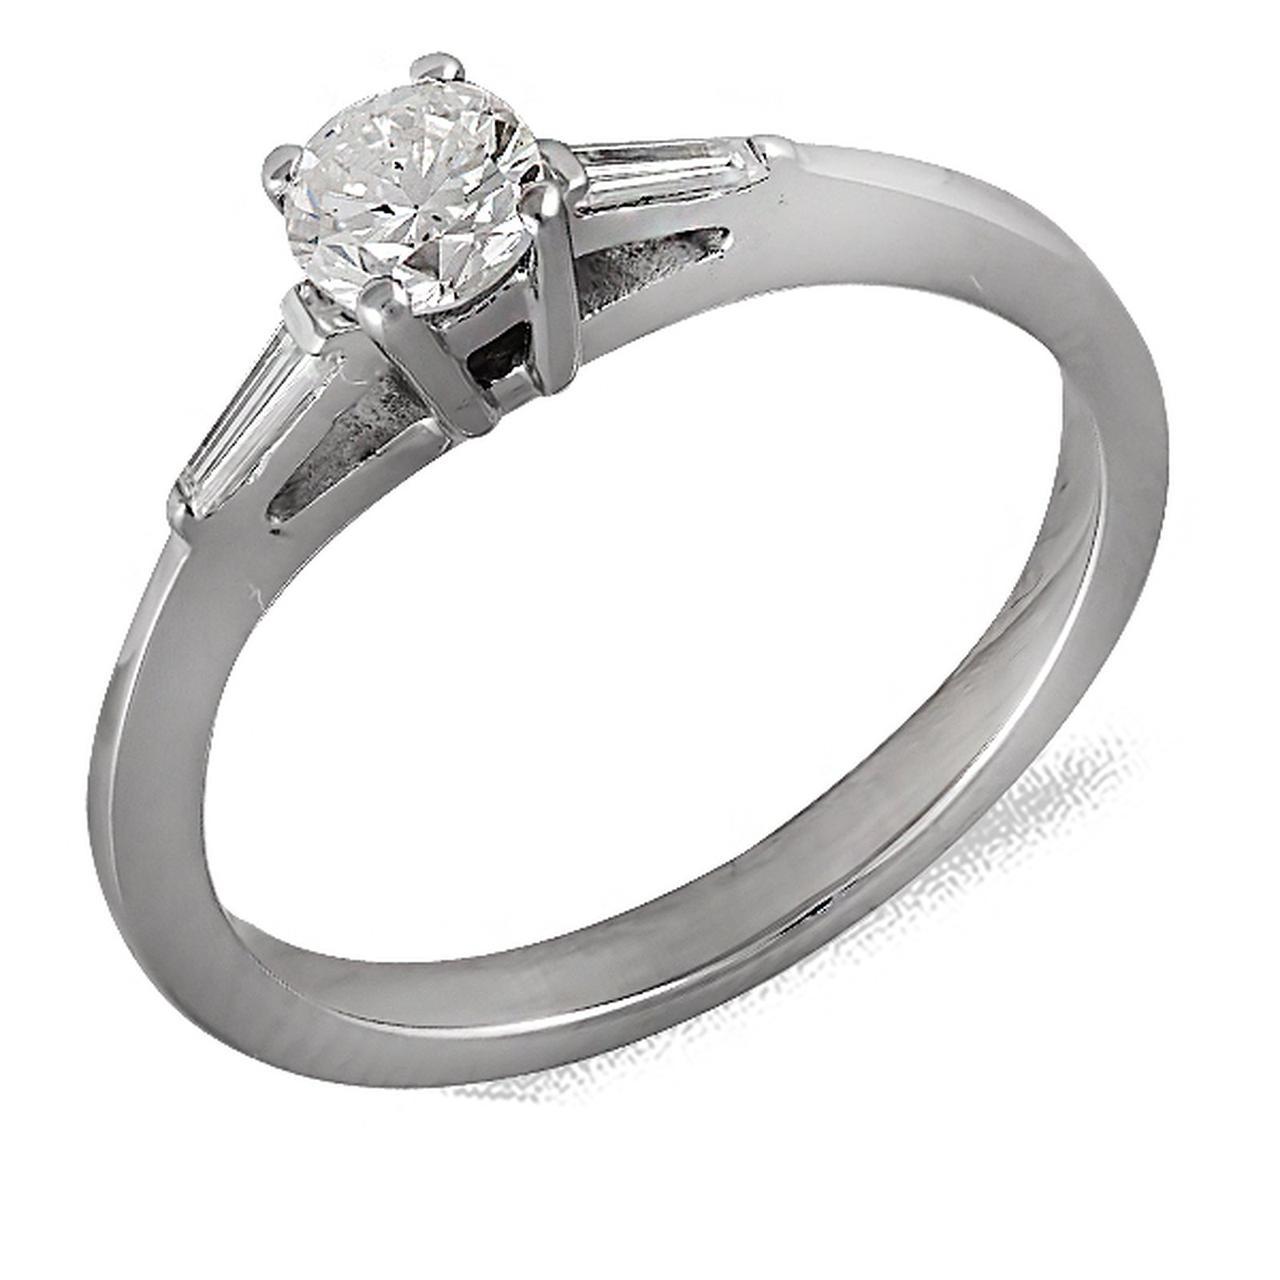 Золотое кольцо с бриллиантами, размер 16.5 (064698)